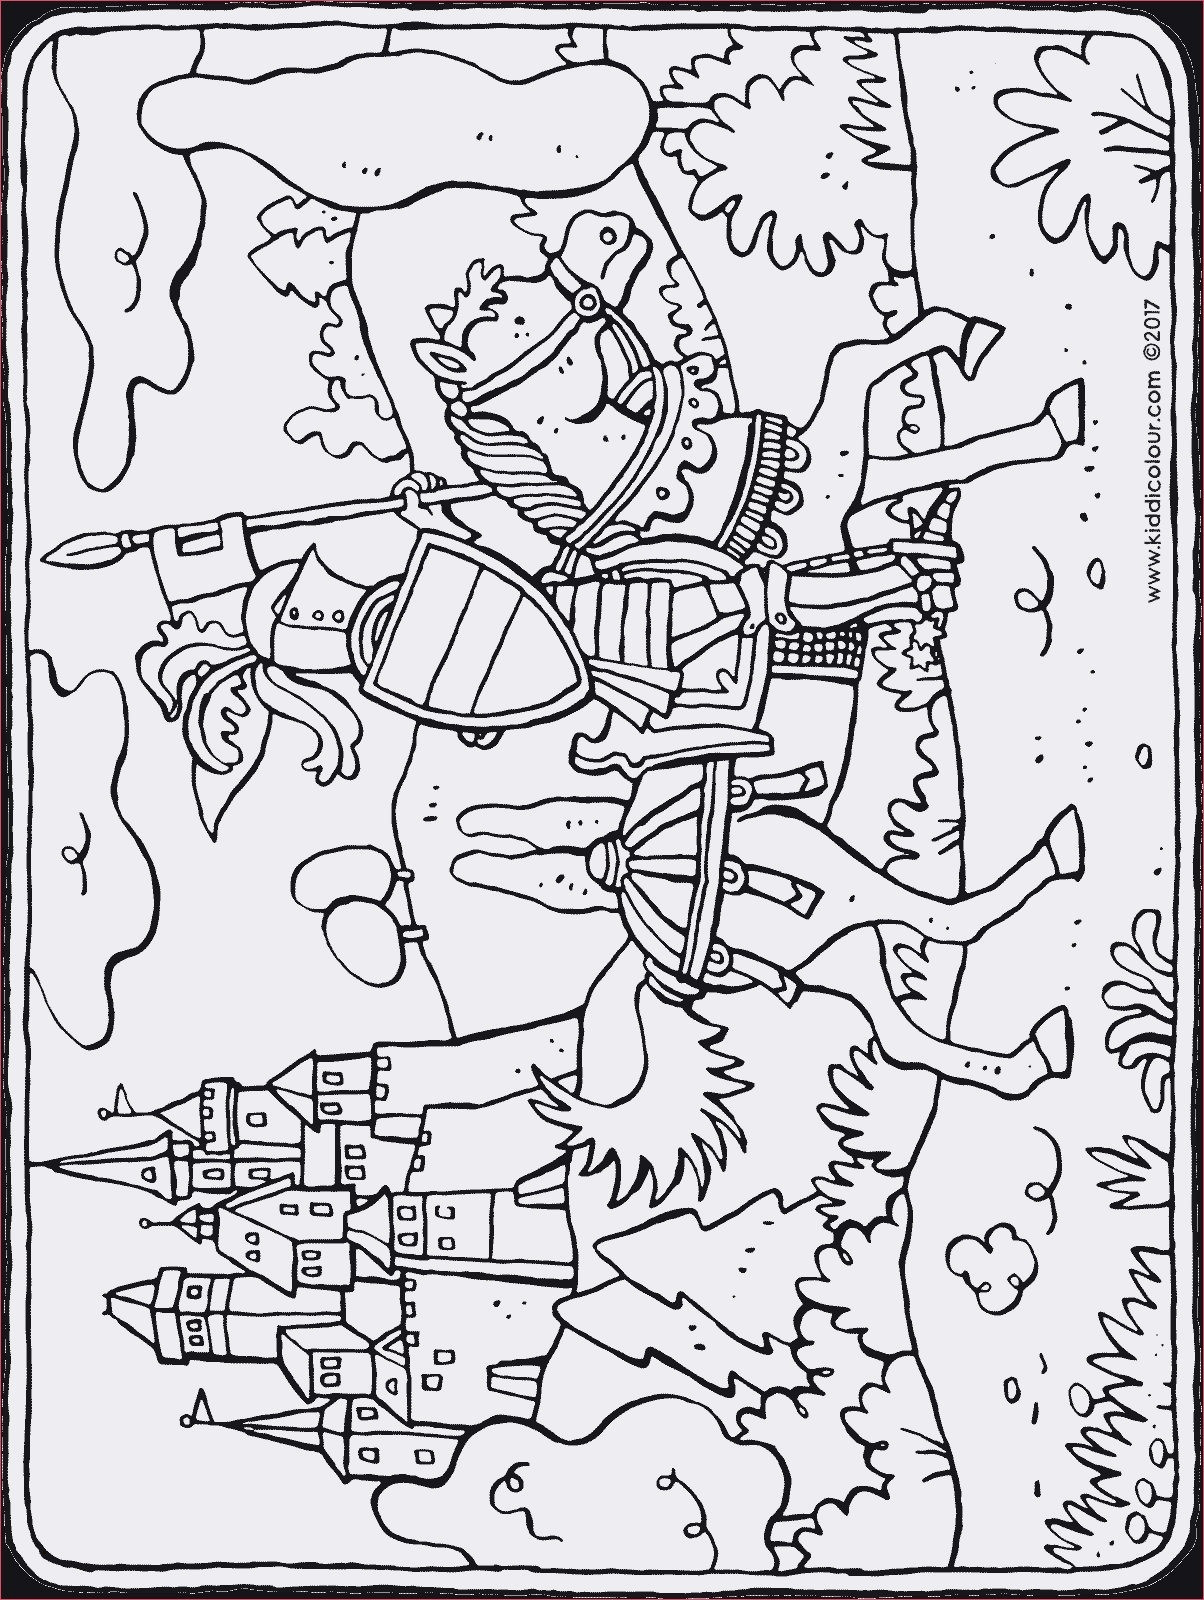 Ninjago Ausmalbilder Kostenlos Frisch 36 Skizze Ausmalbilder Pferde Kostenlos Treehouse Nyc Fotografieren